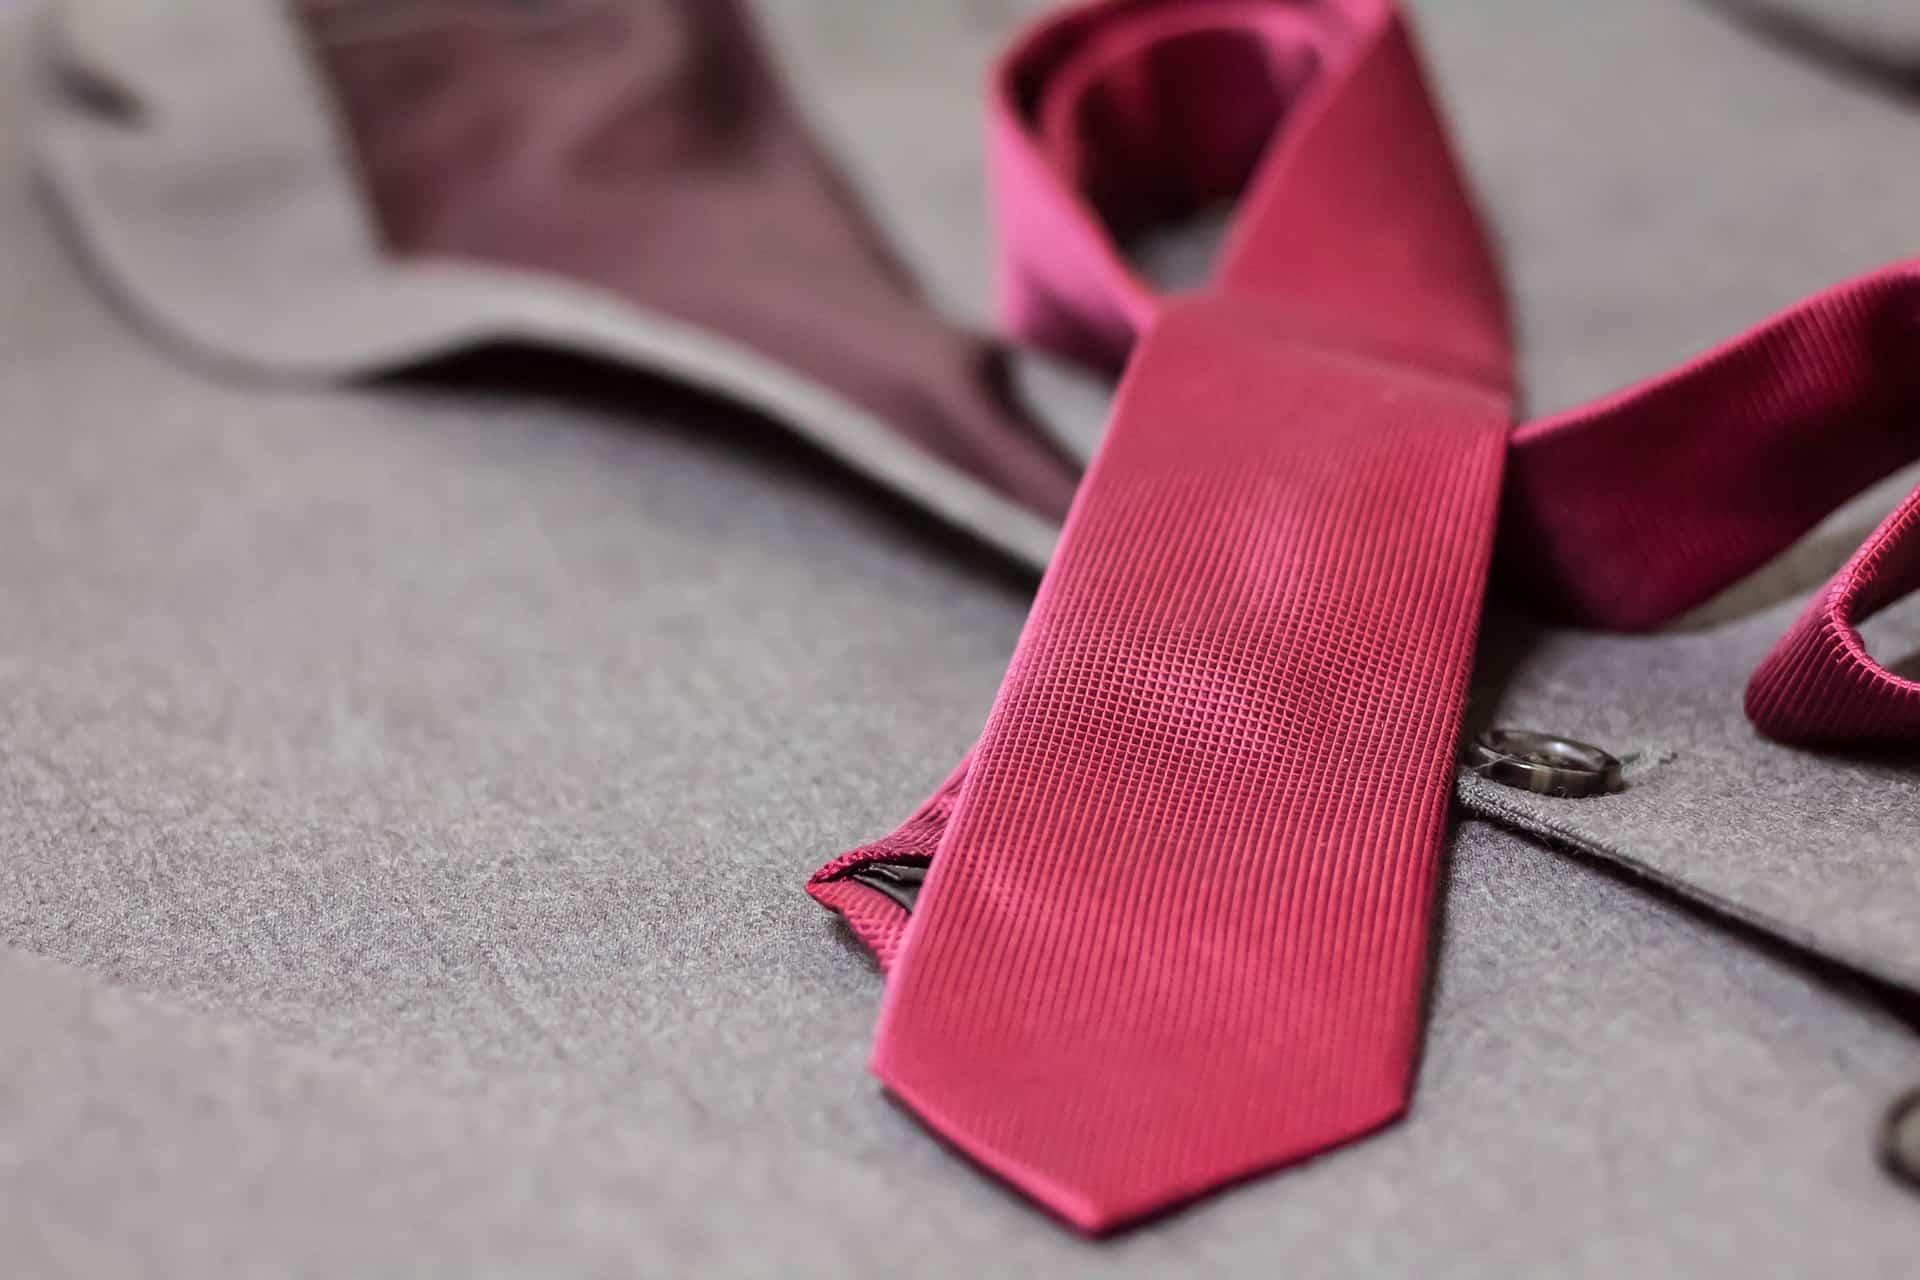 Gravata rosa sobre o terno cinza.